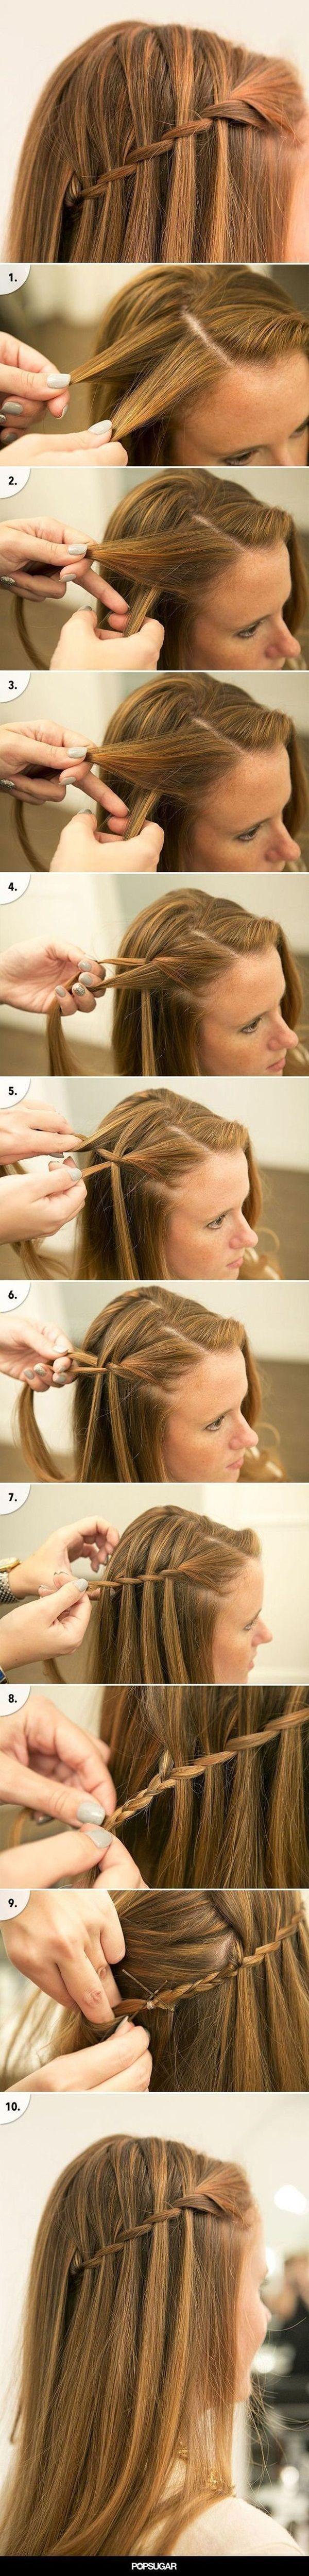 Recent Straightforward to Frisuren für die Schule zu tun